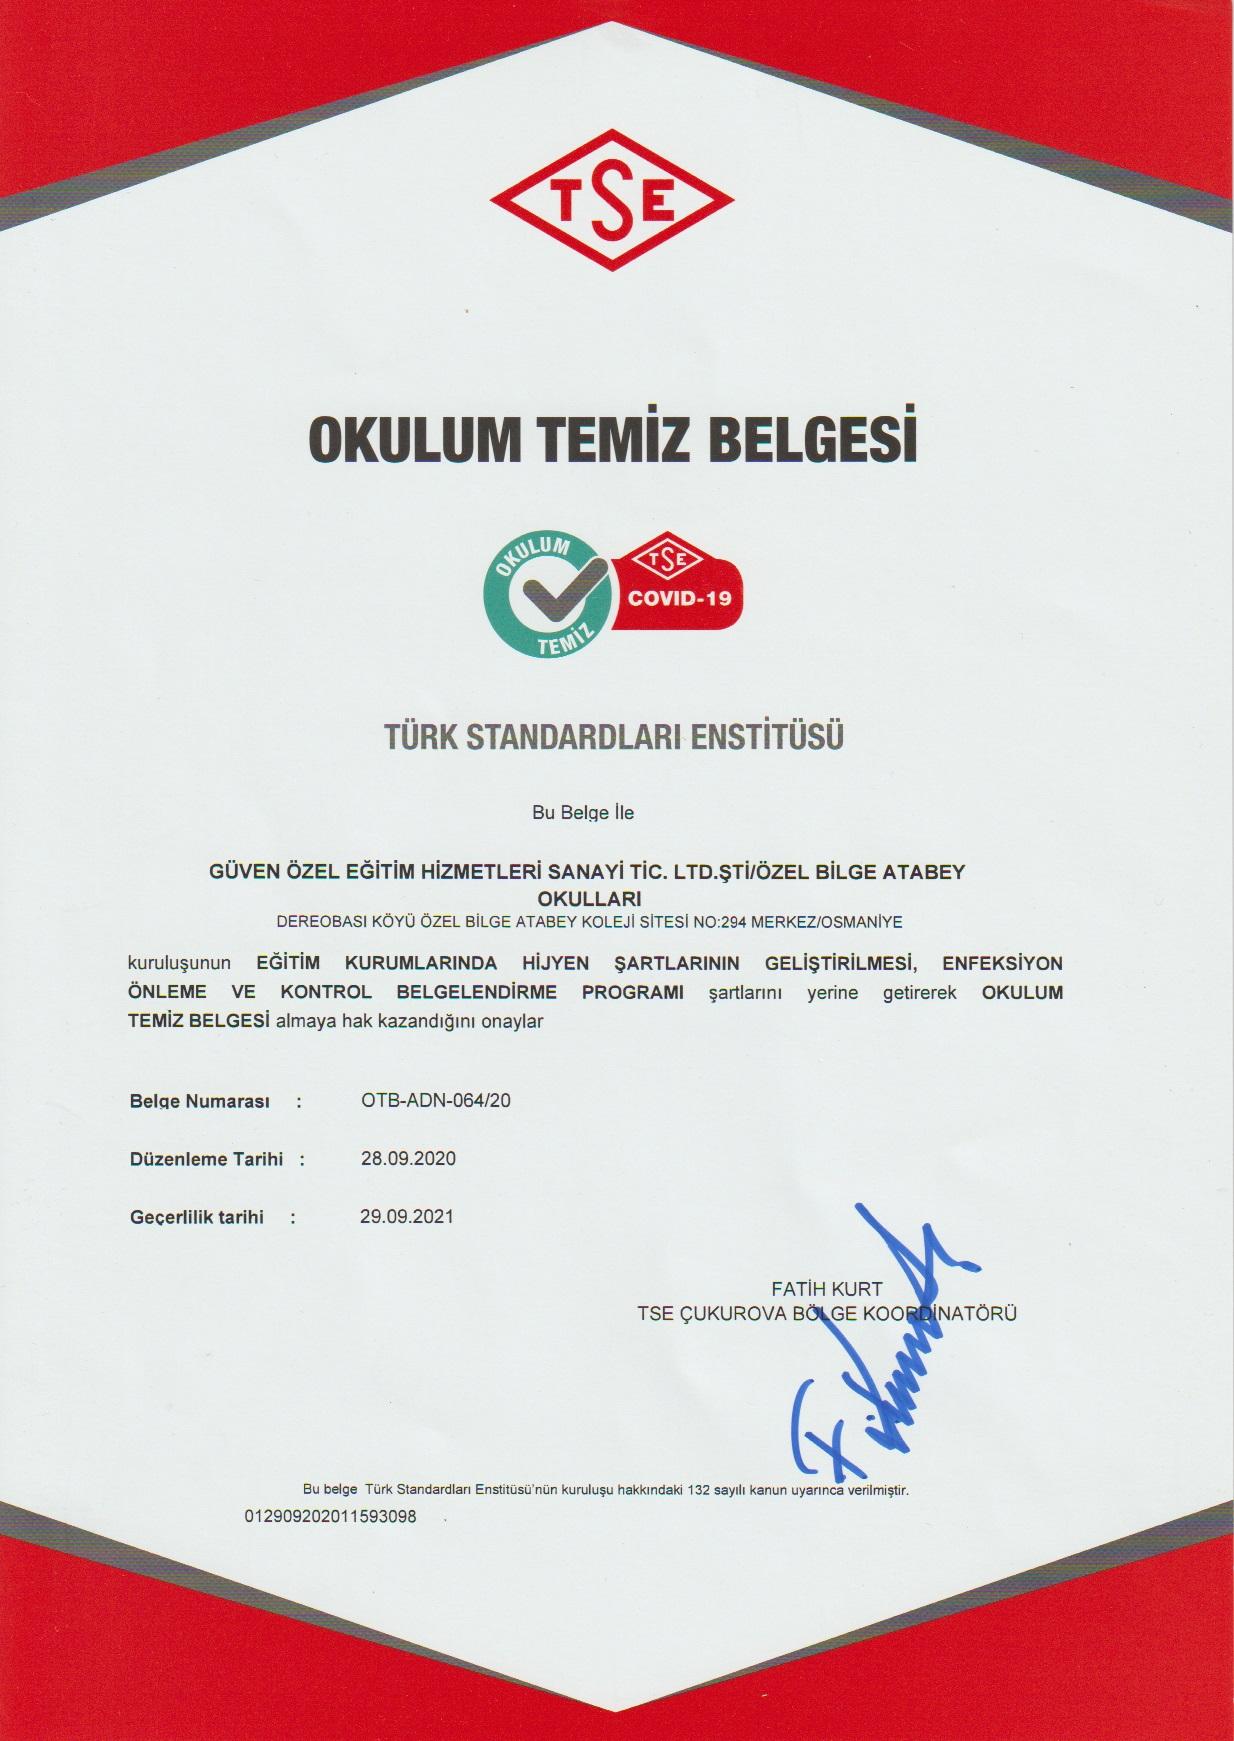 OSMANİYE'DE İLK OKULUM TEMİZ BELGESİ